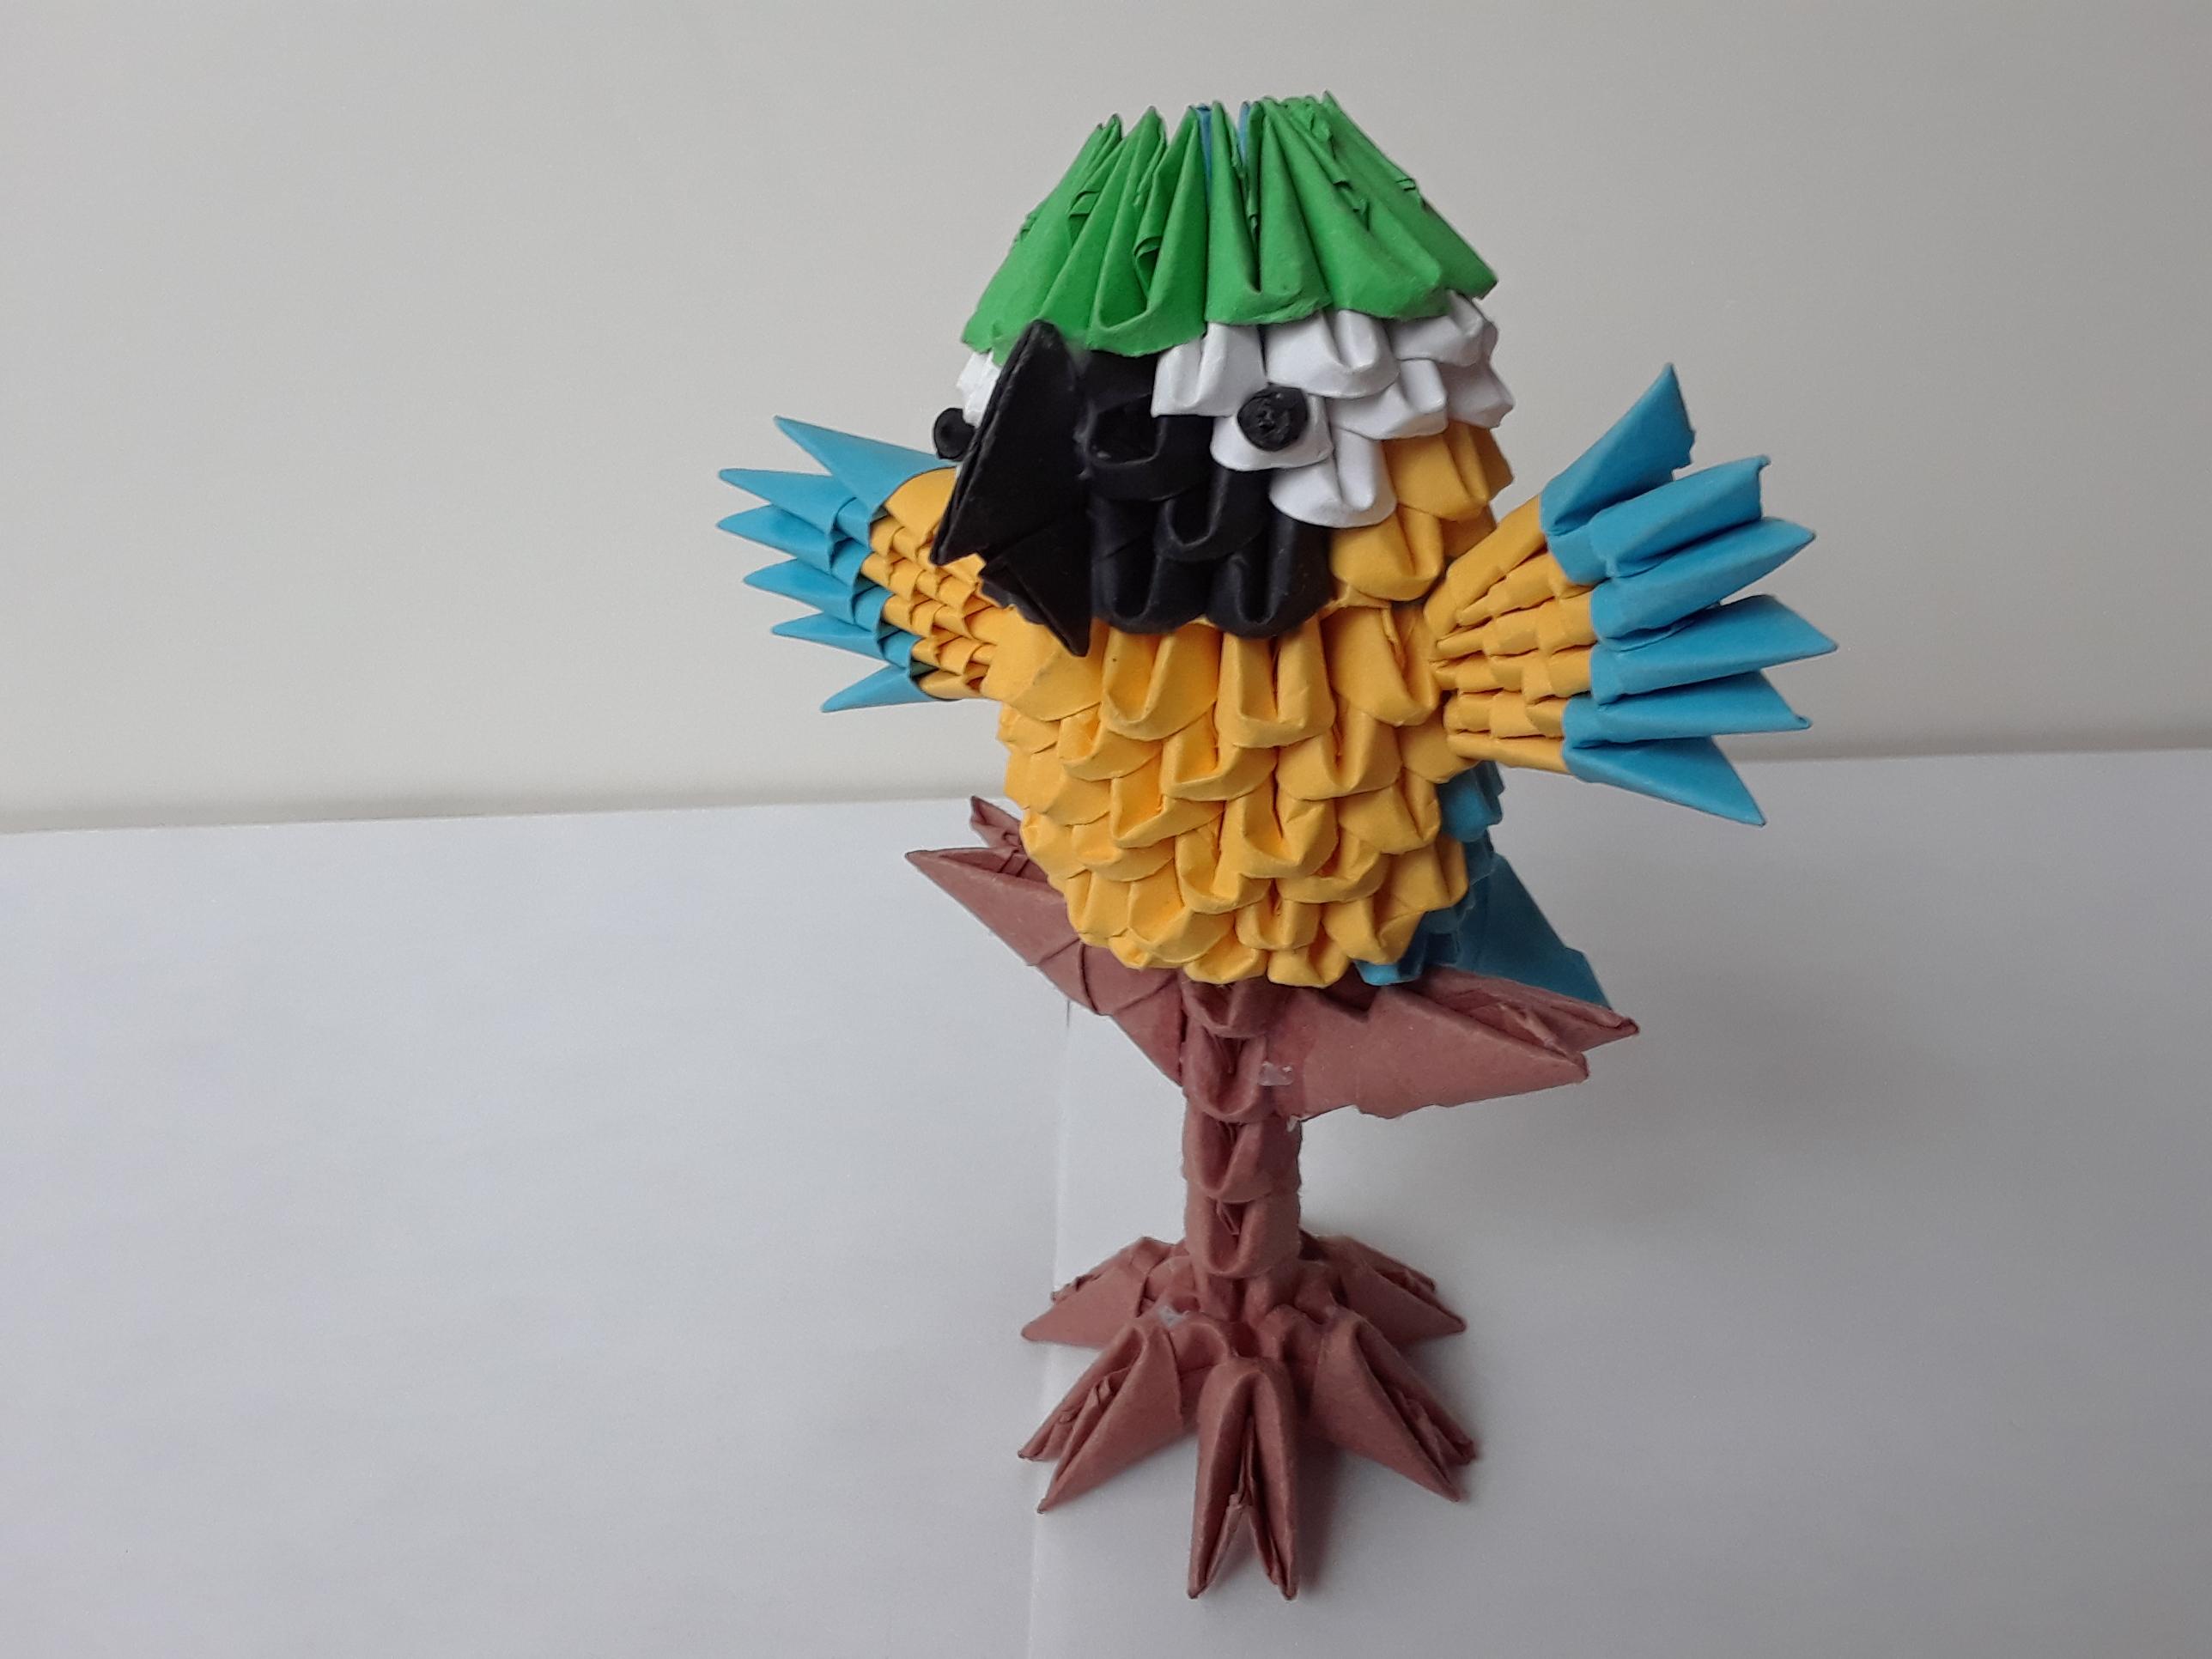 3D origami Majestic eagle | 3d origami, Origami art, Origami eagle | 1932x2576